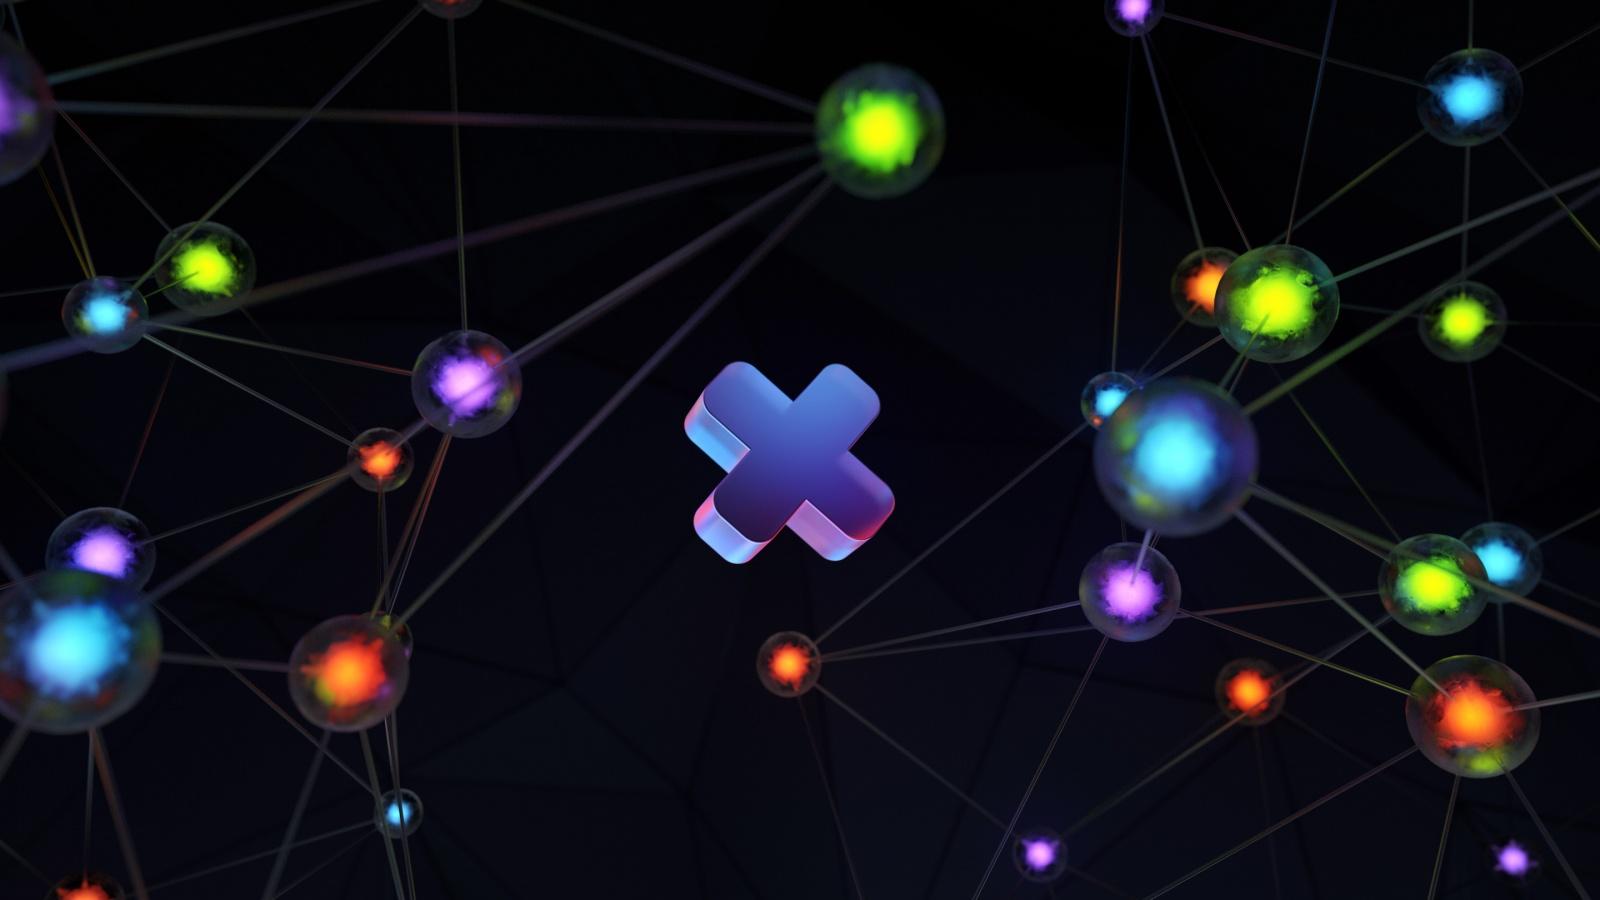 Российский математик опроверг 53-летнюю гипотезу о раскраске сетей - 1